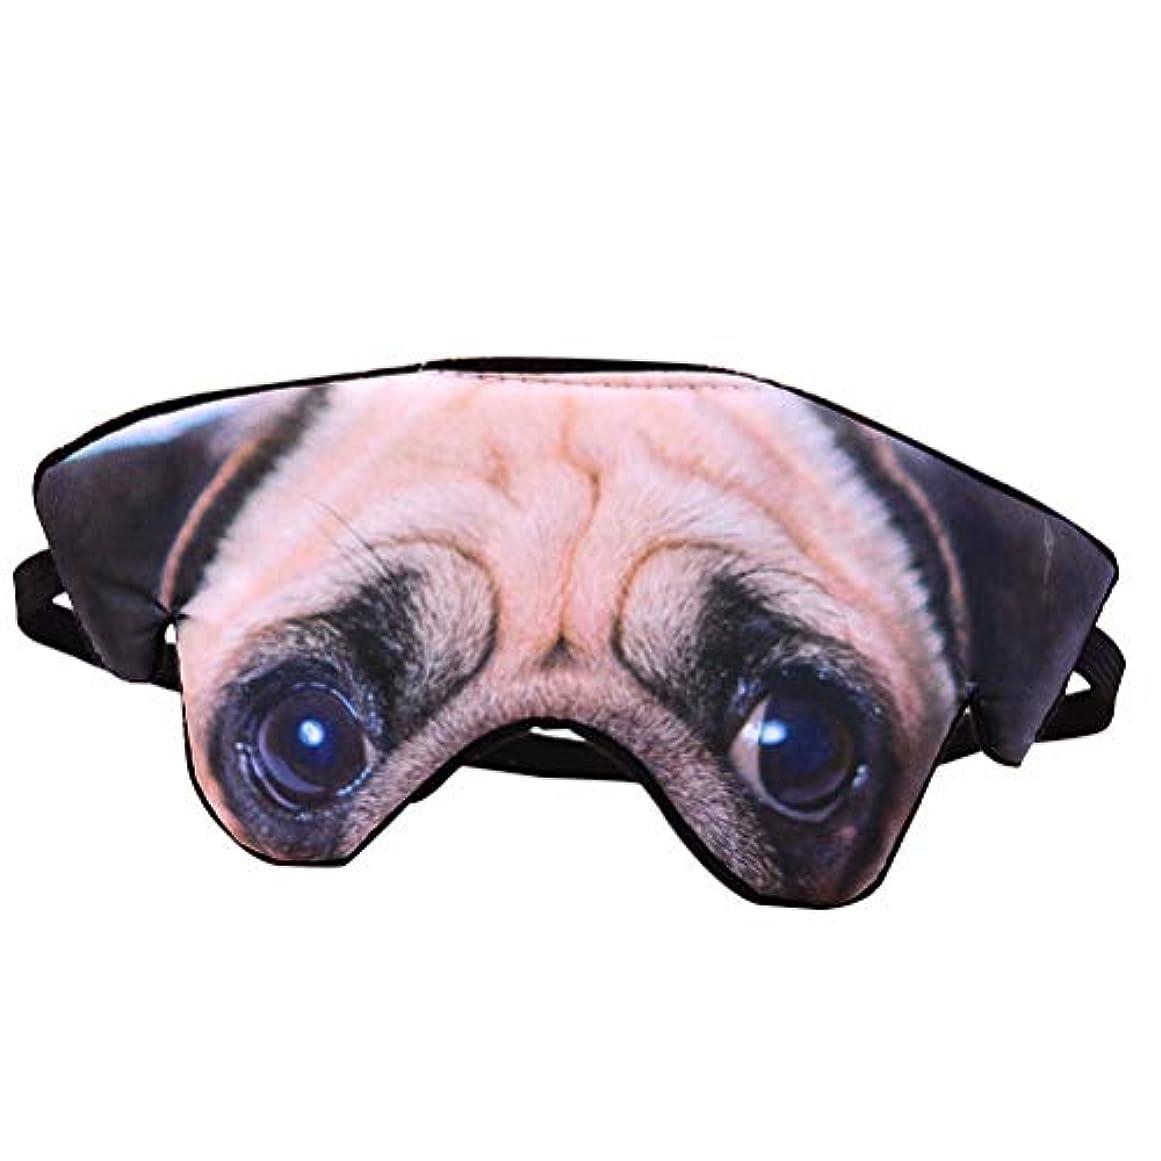 セメントペッカディロ洞察力のあるSUPVOX かわいい睡眠マスク目の睡眠マスクの子供のアイマスクパグのパターン(パグ)